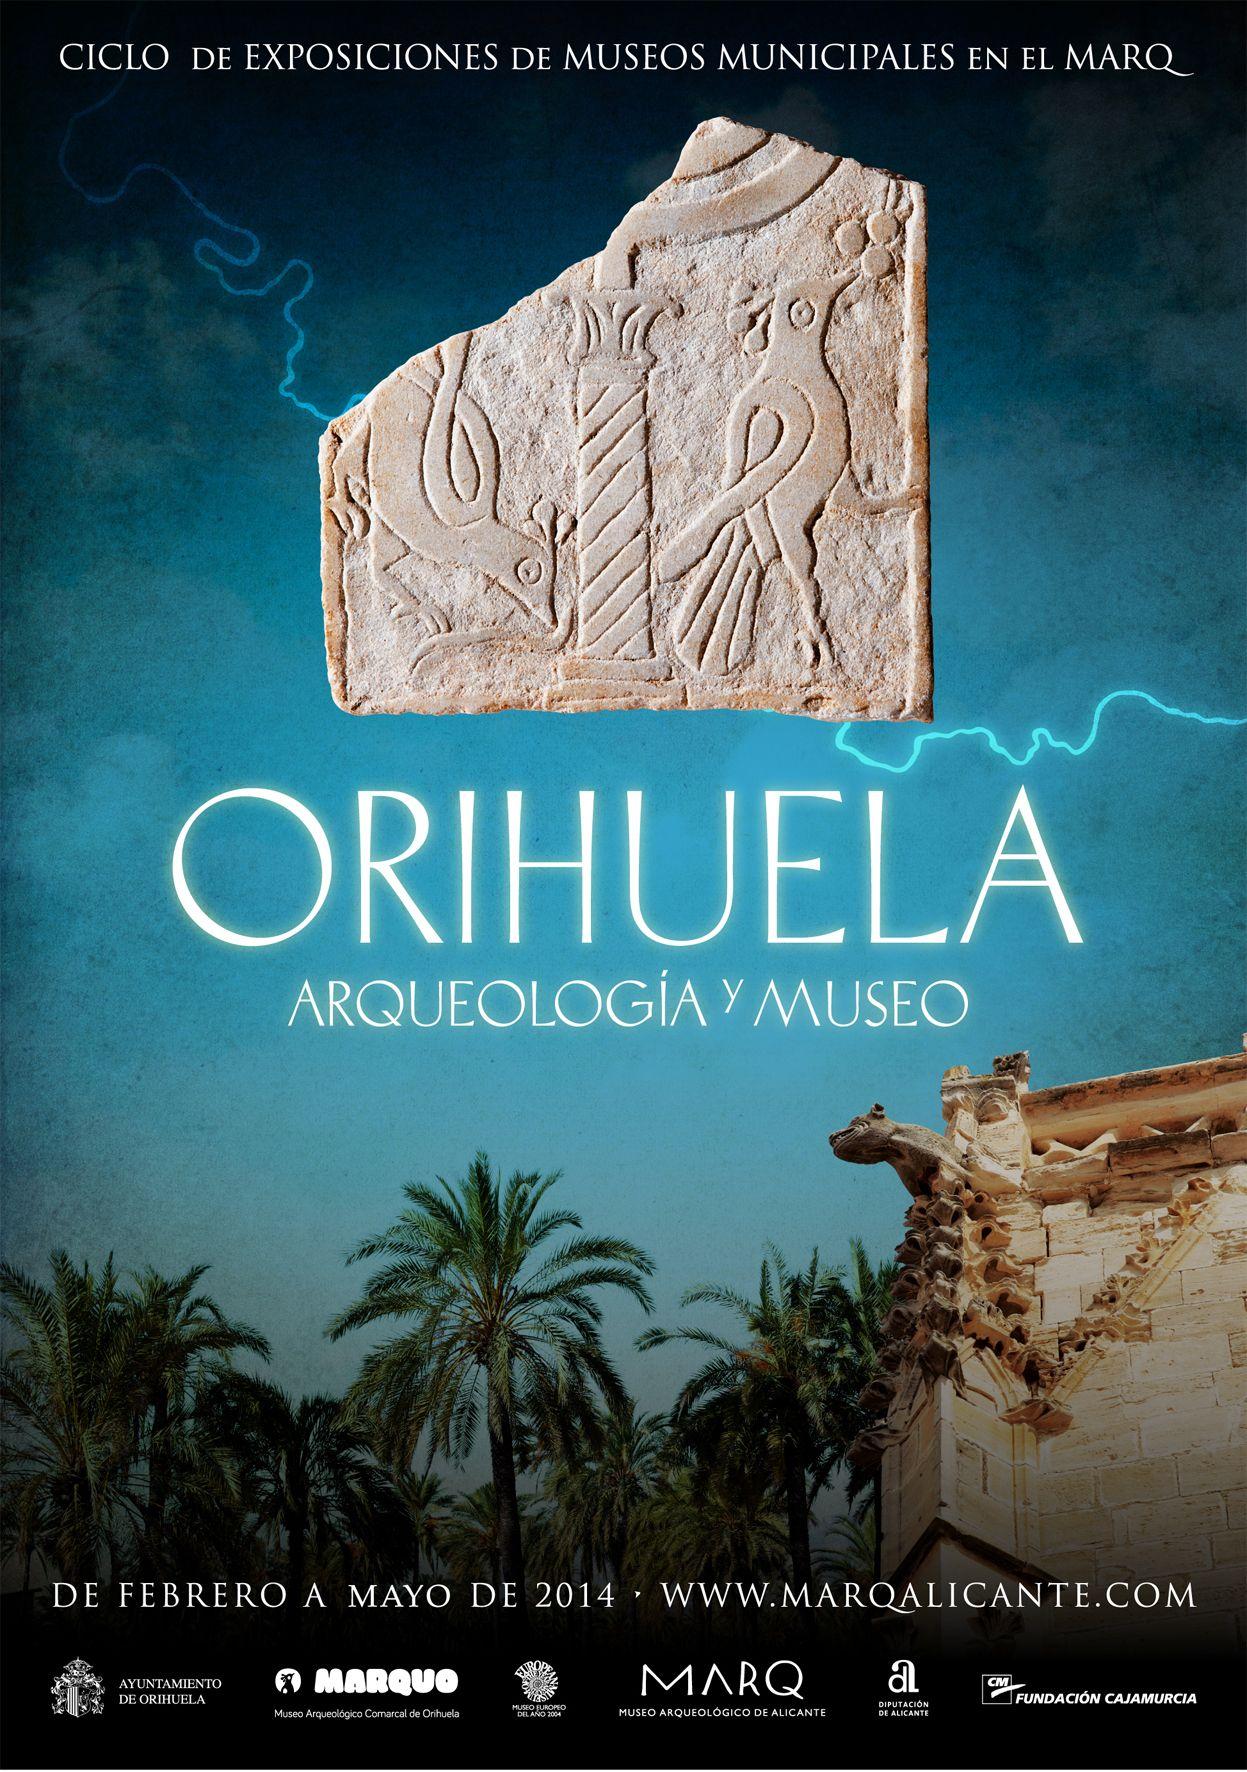 El #MarqAlicante ahonda en la cultura y el patrimonio arqueológico de Orihuela.